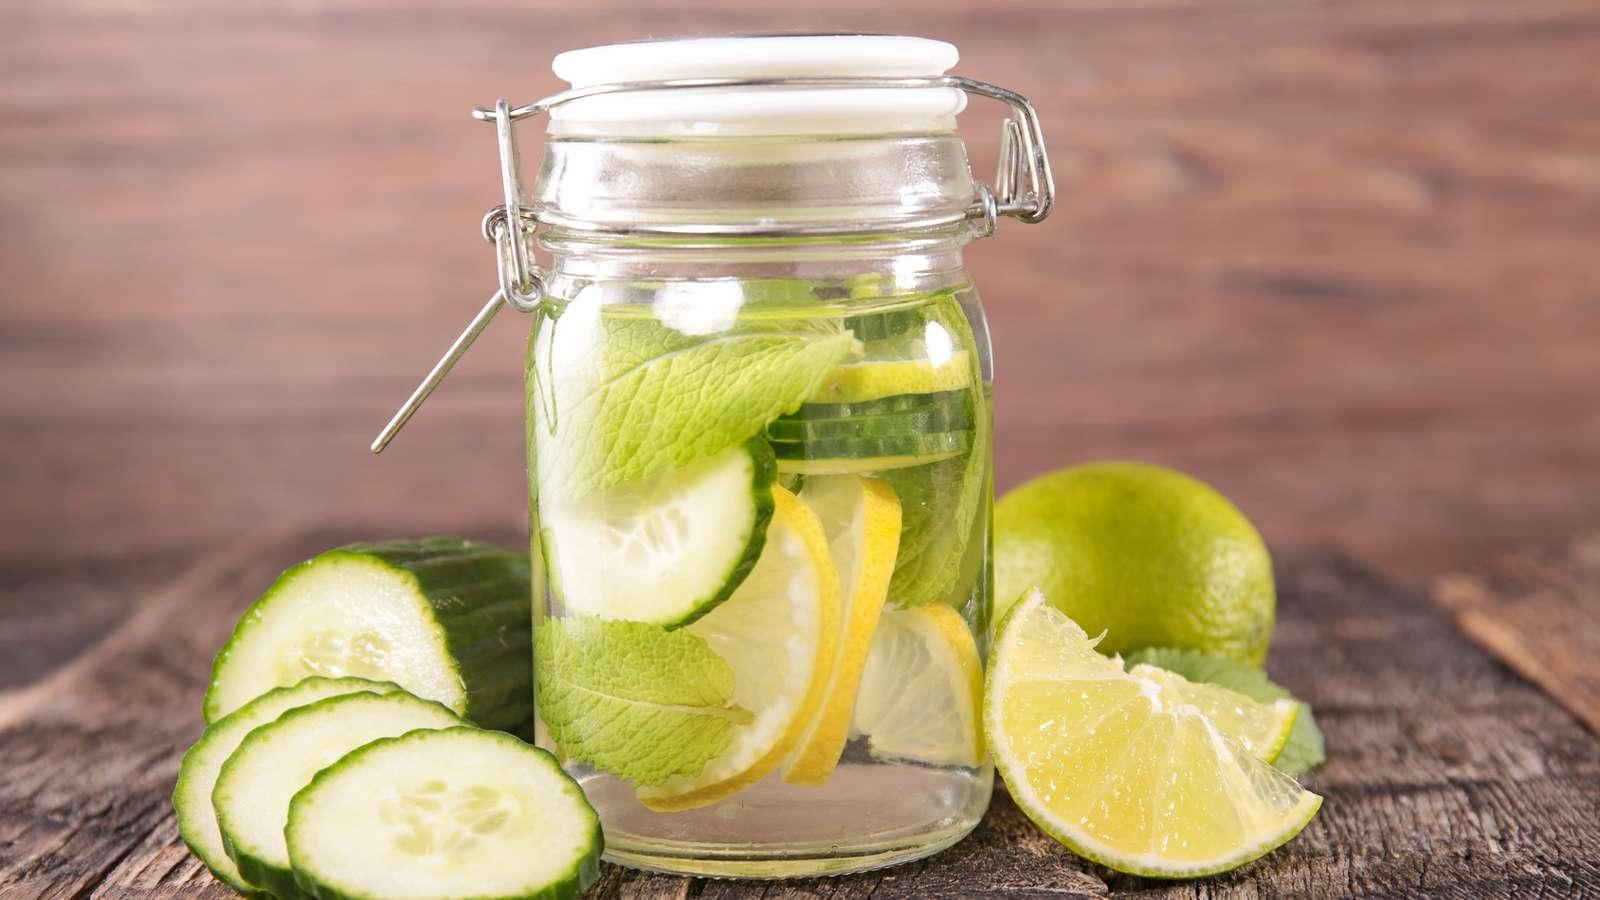 Diese 7 Detox-Wasser Rezepte helfen beim Entgiften | evidero